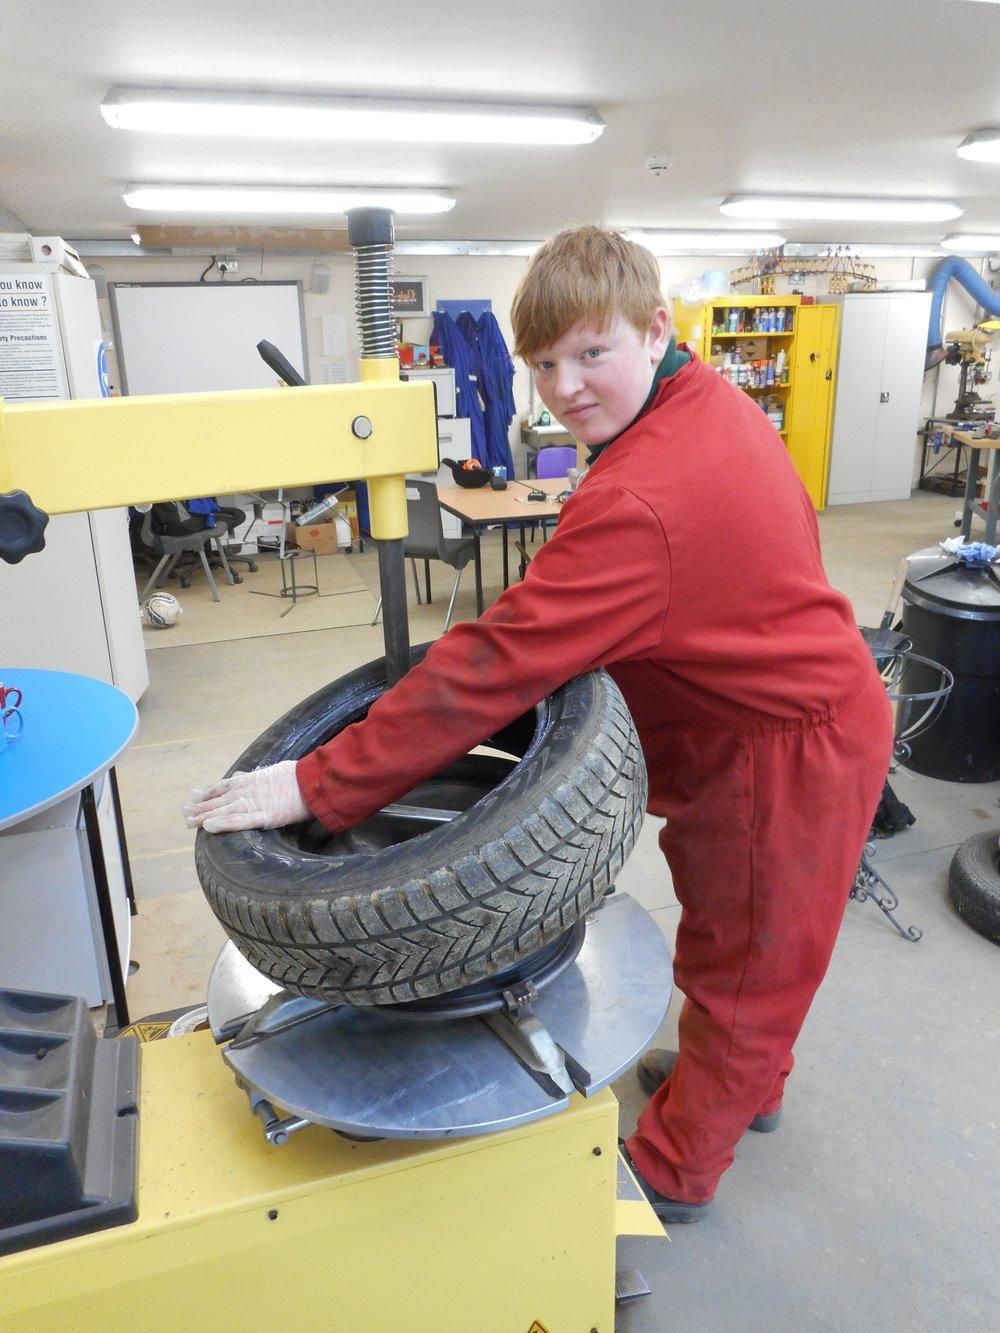 Brendan fitting a tyre